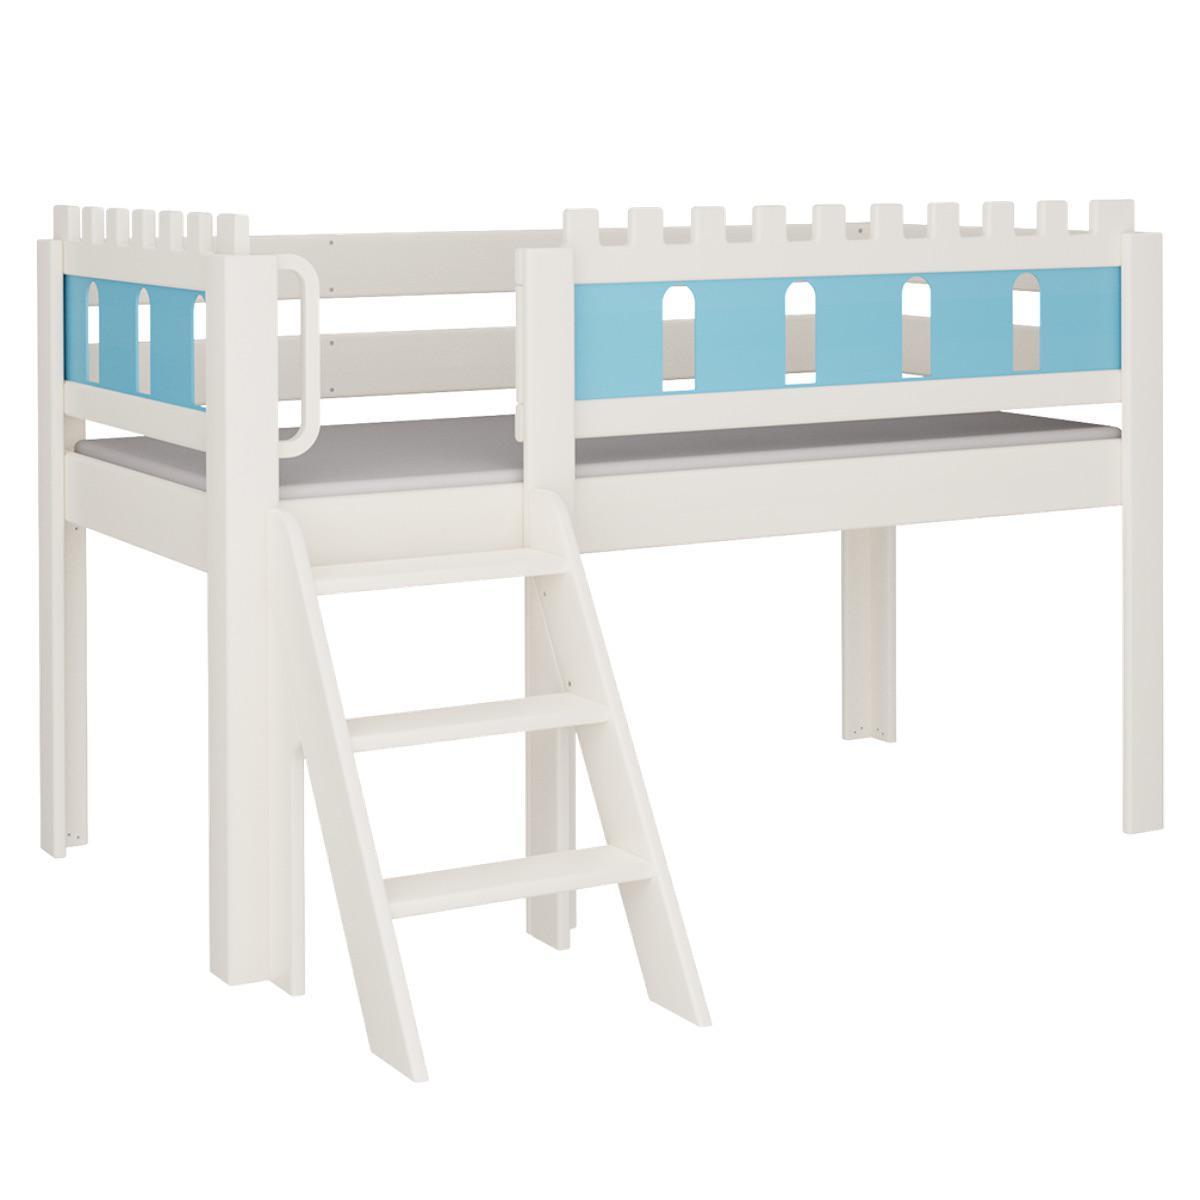 Burg halbhohes Bett mit Treppe DELUXE De Breuyn weiß Füllungen blau